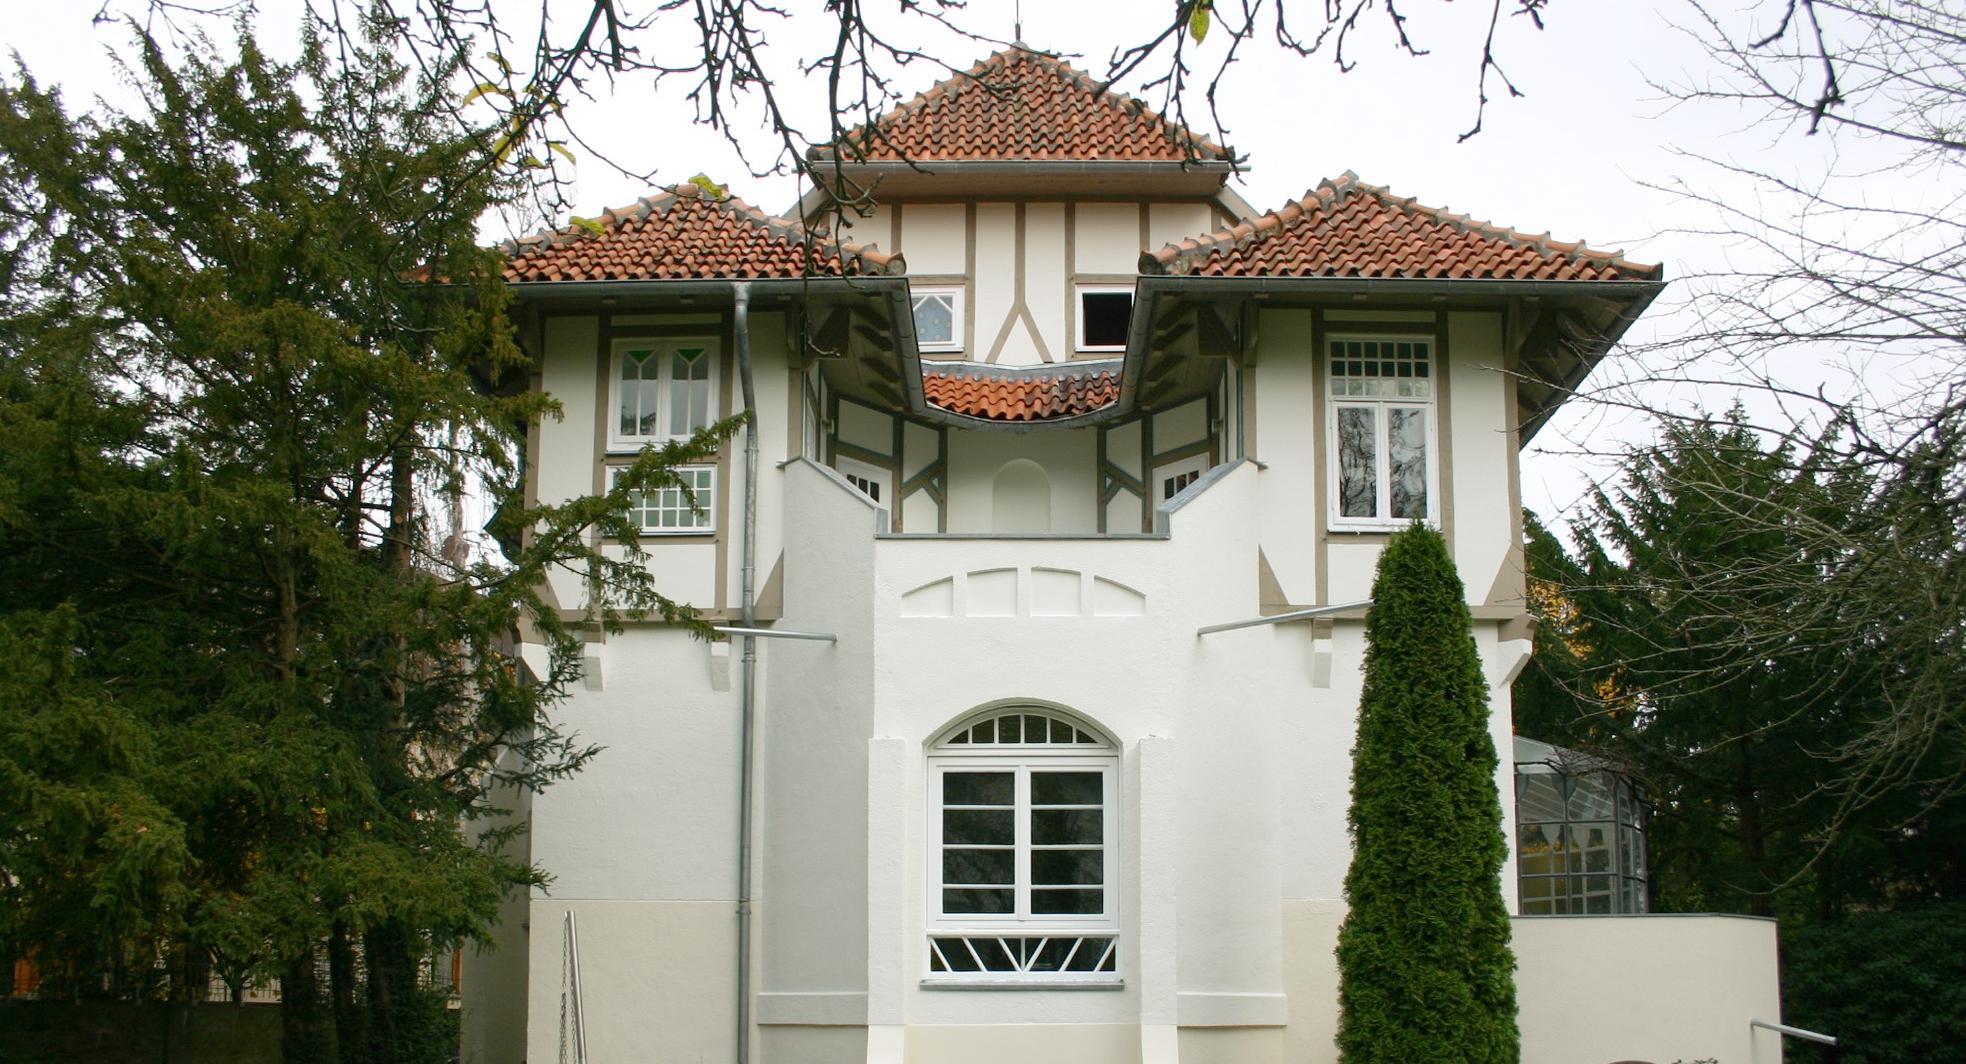 Preisgekrönte Stuck- und Putzfassade; Anstrich mit KEIM Granital-System